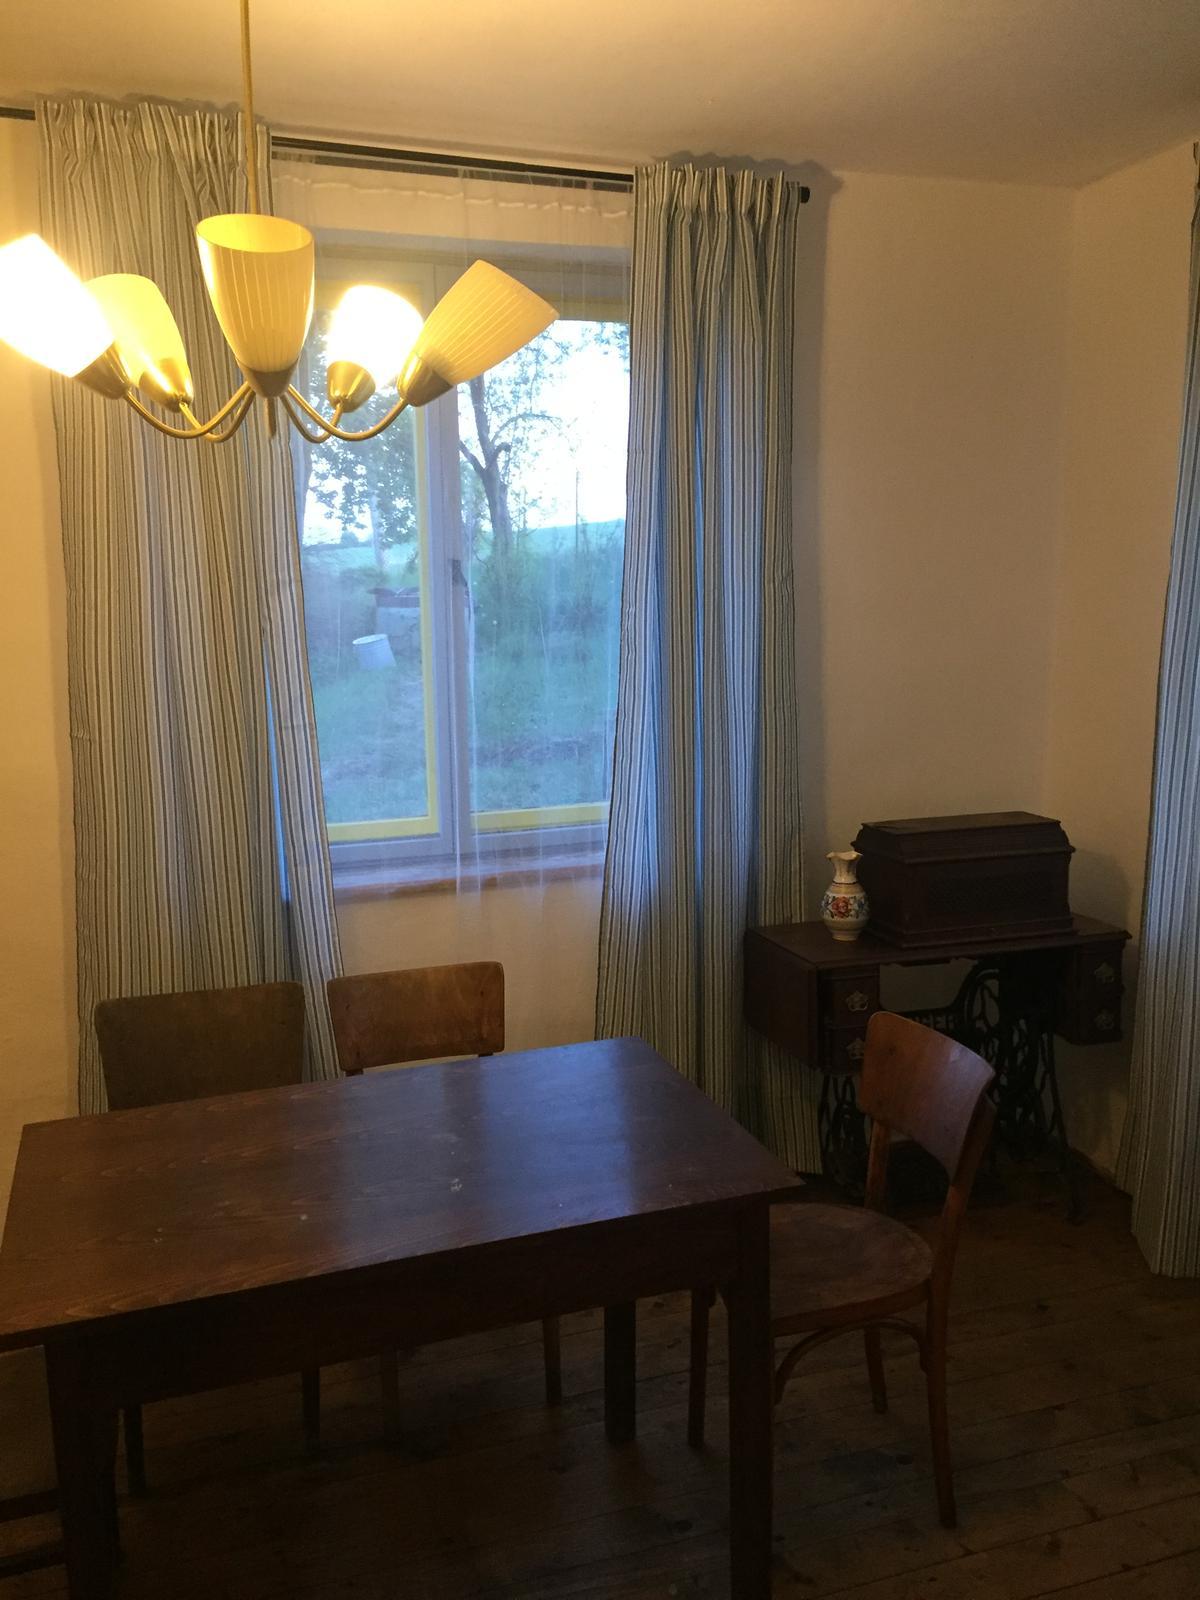 Dom - este zvacsit pracovnu dosku stola a dat svedsku lavicu do rohu - a izba na komplet hotova ;)